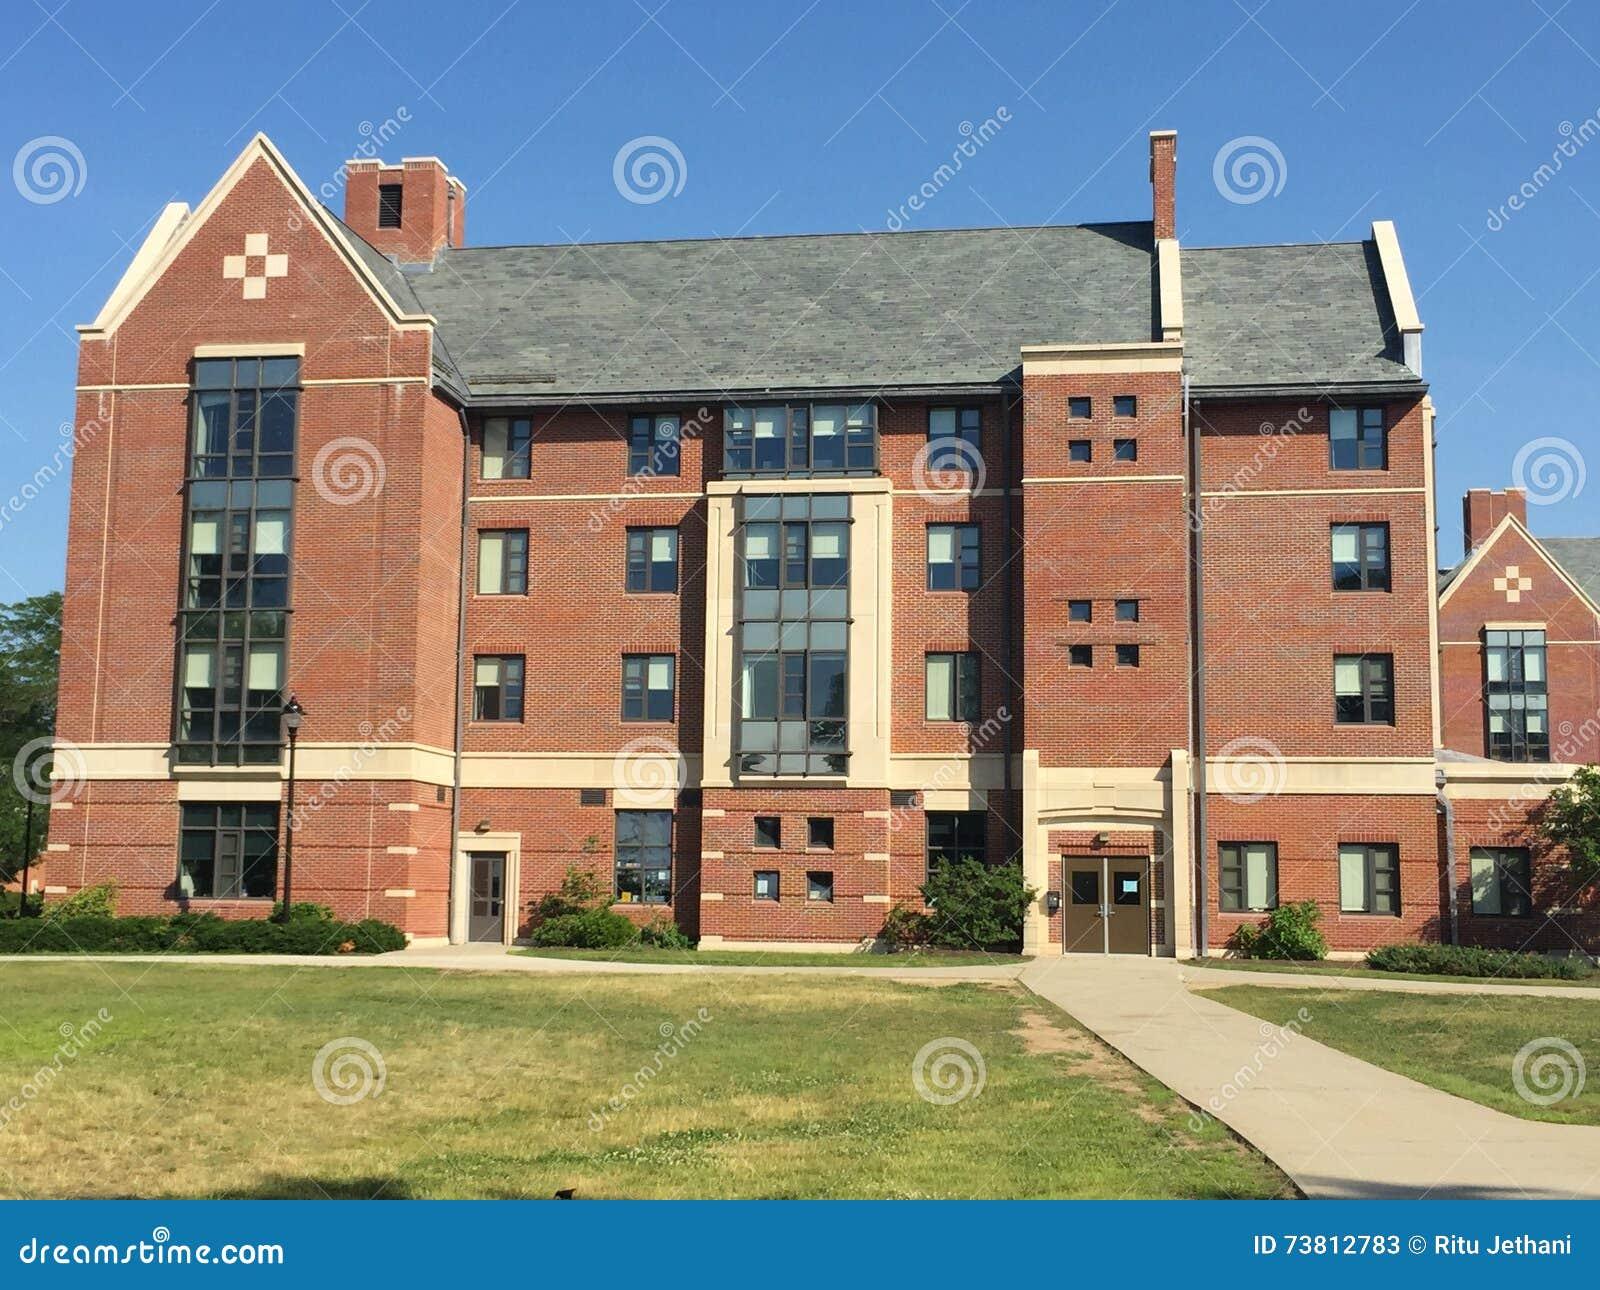 Δωμάτια Dorm στο πανεπιστήμιο του Κοννέκτικατ ( UConn)  σε Storrs, Κοννέκτικατ